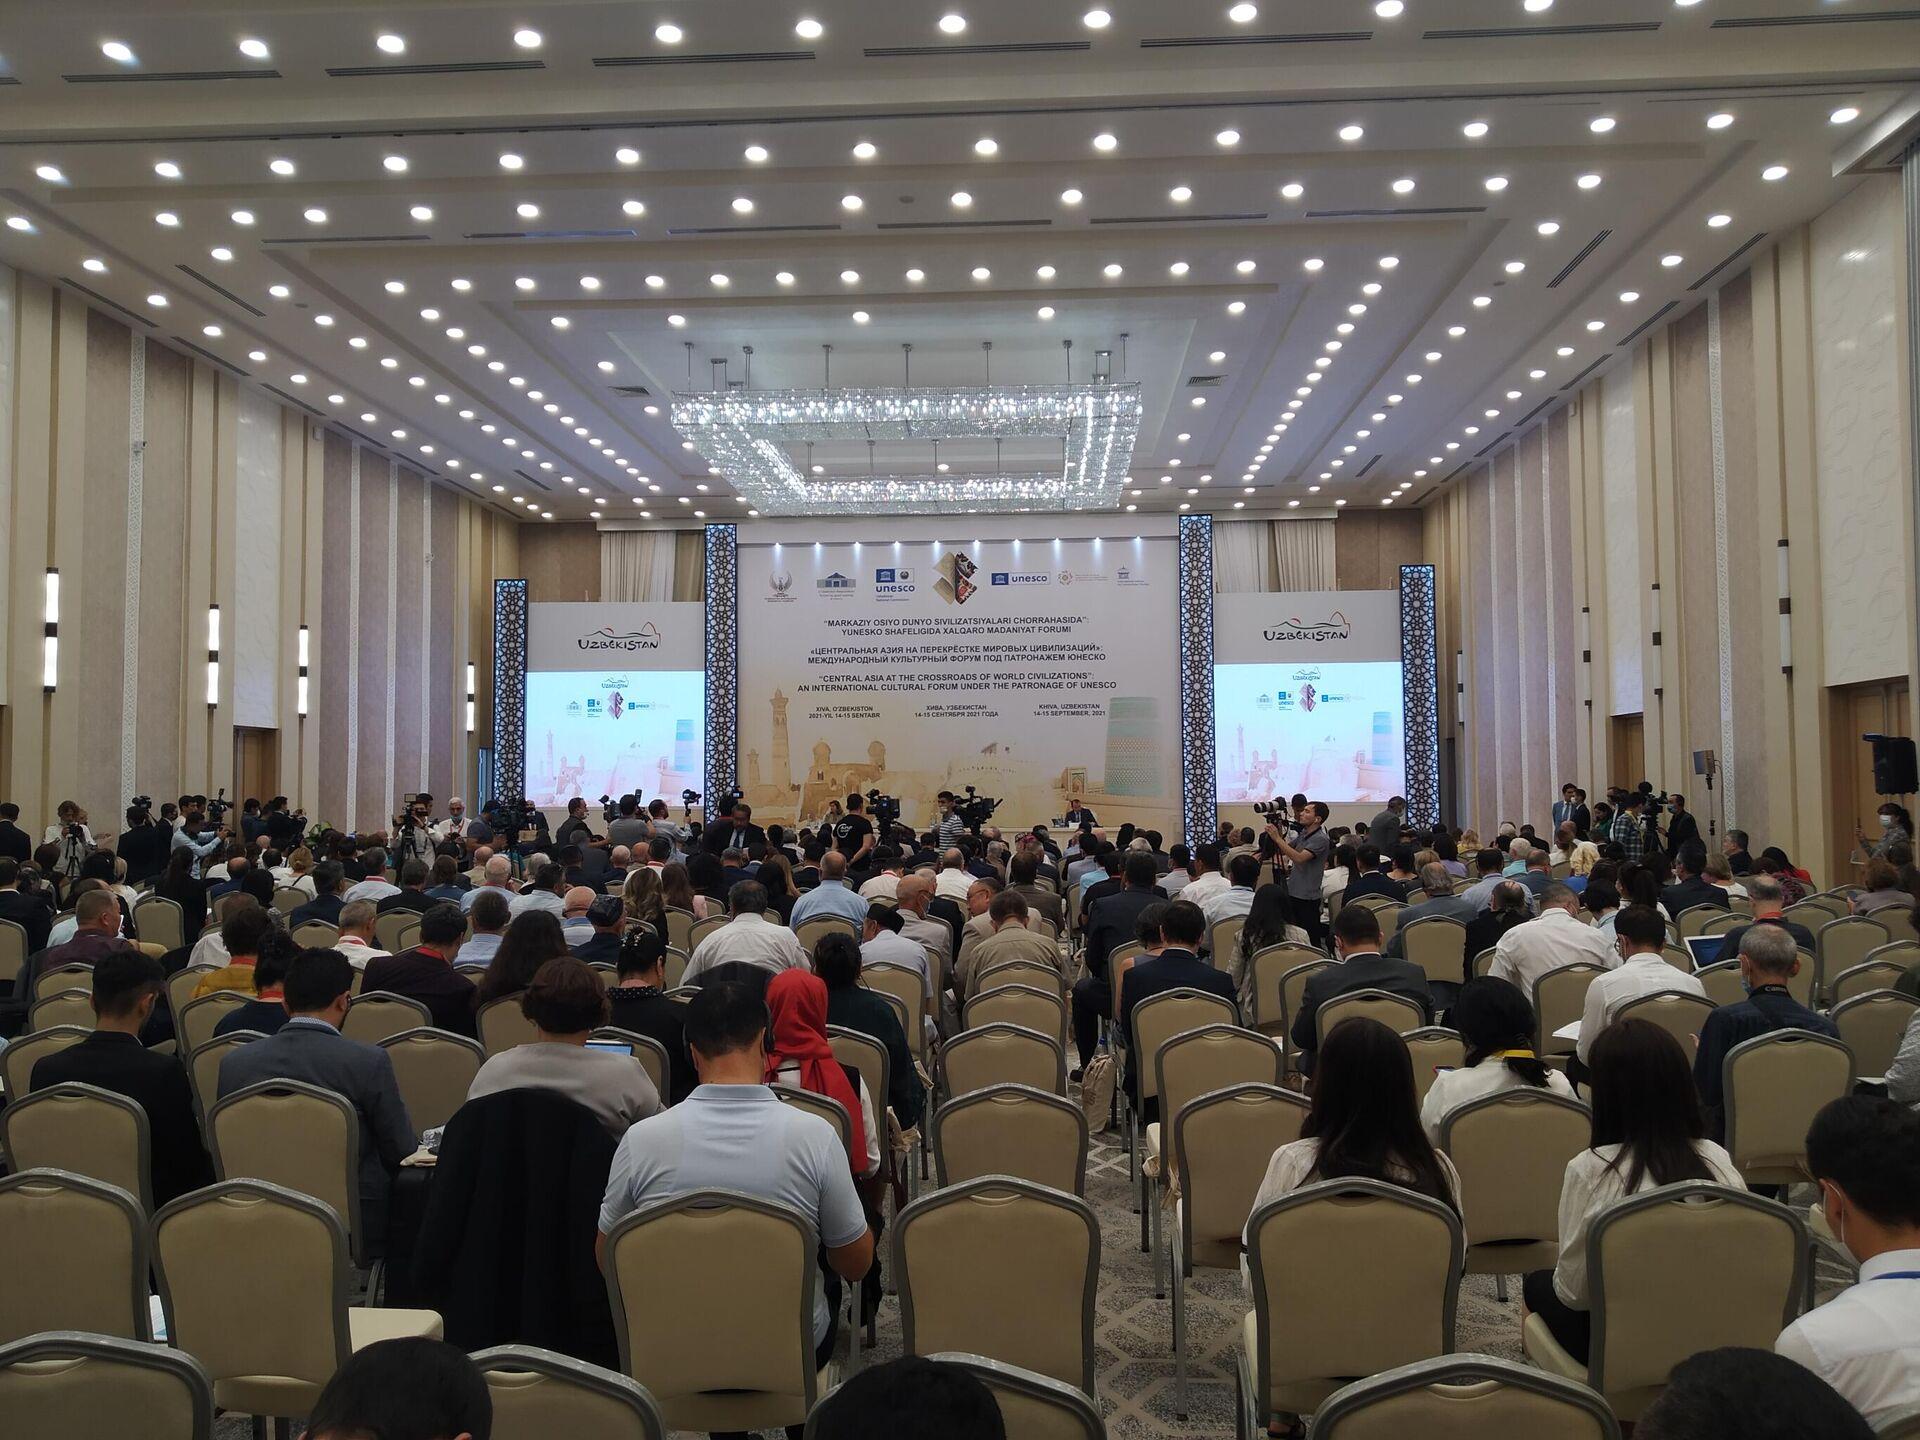 Международный культурный форум Центральная Азия на перекрестке мировых цивилизаций - Sputnik Узбекистан, 1920, 15.09.2021